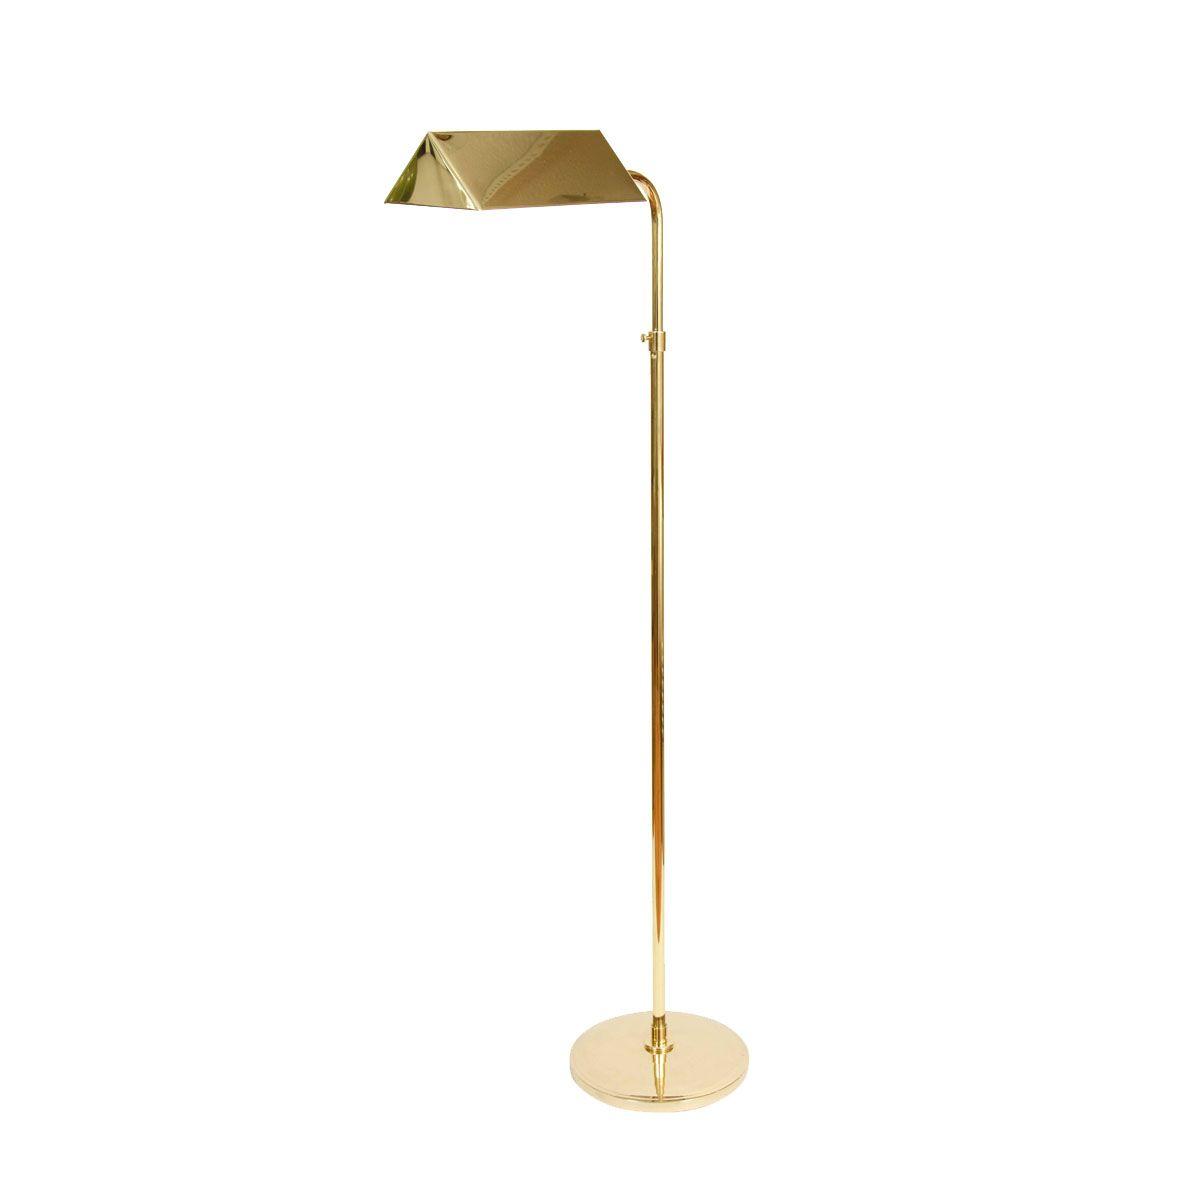 Single adjustable polished brass floor lamp with angular task single adjustable polished brass floor lamp with angular task light shade geotapseo Images